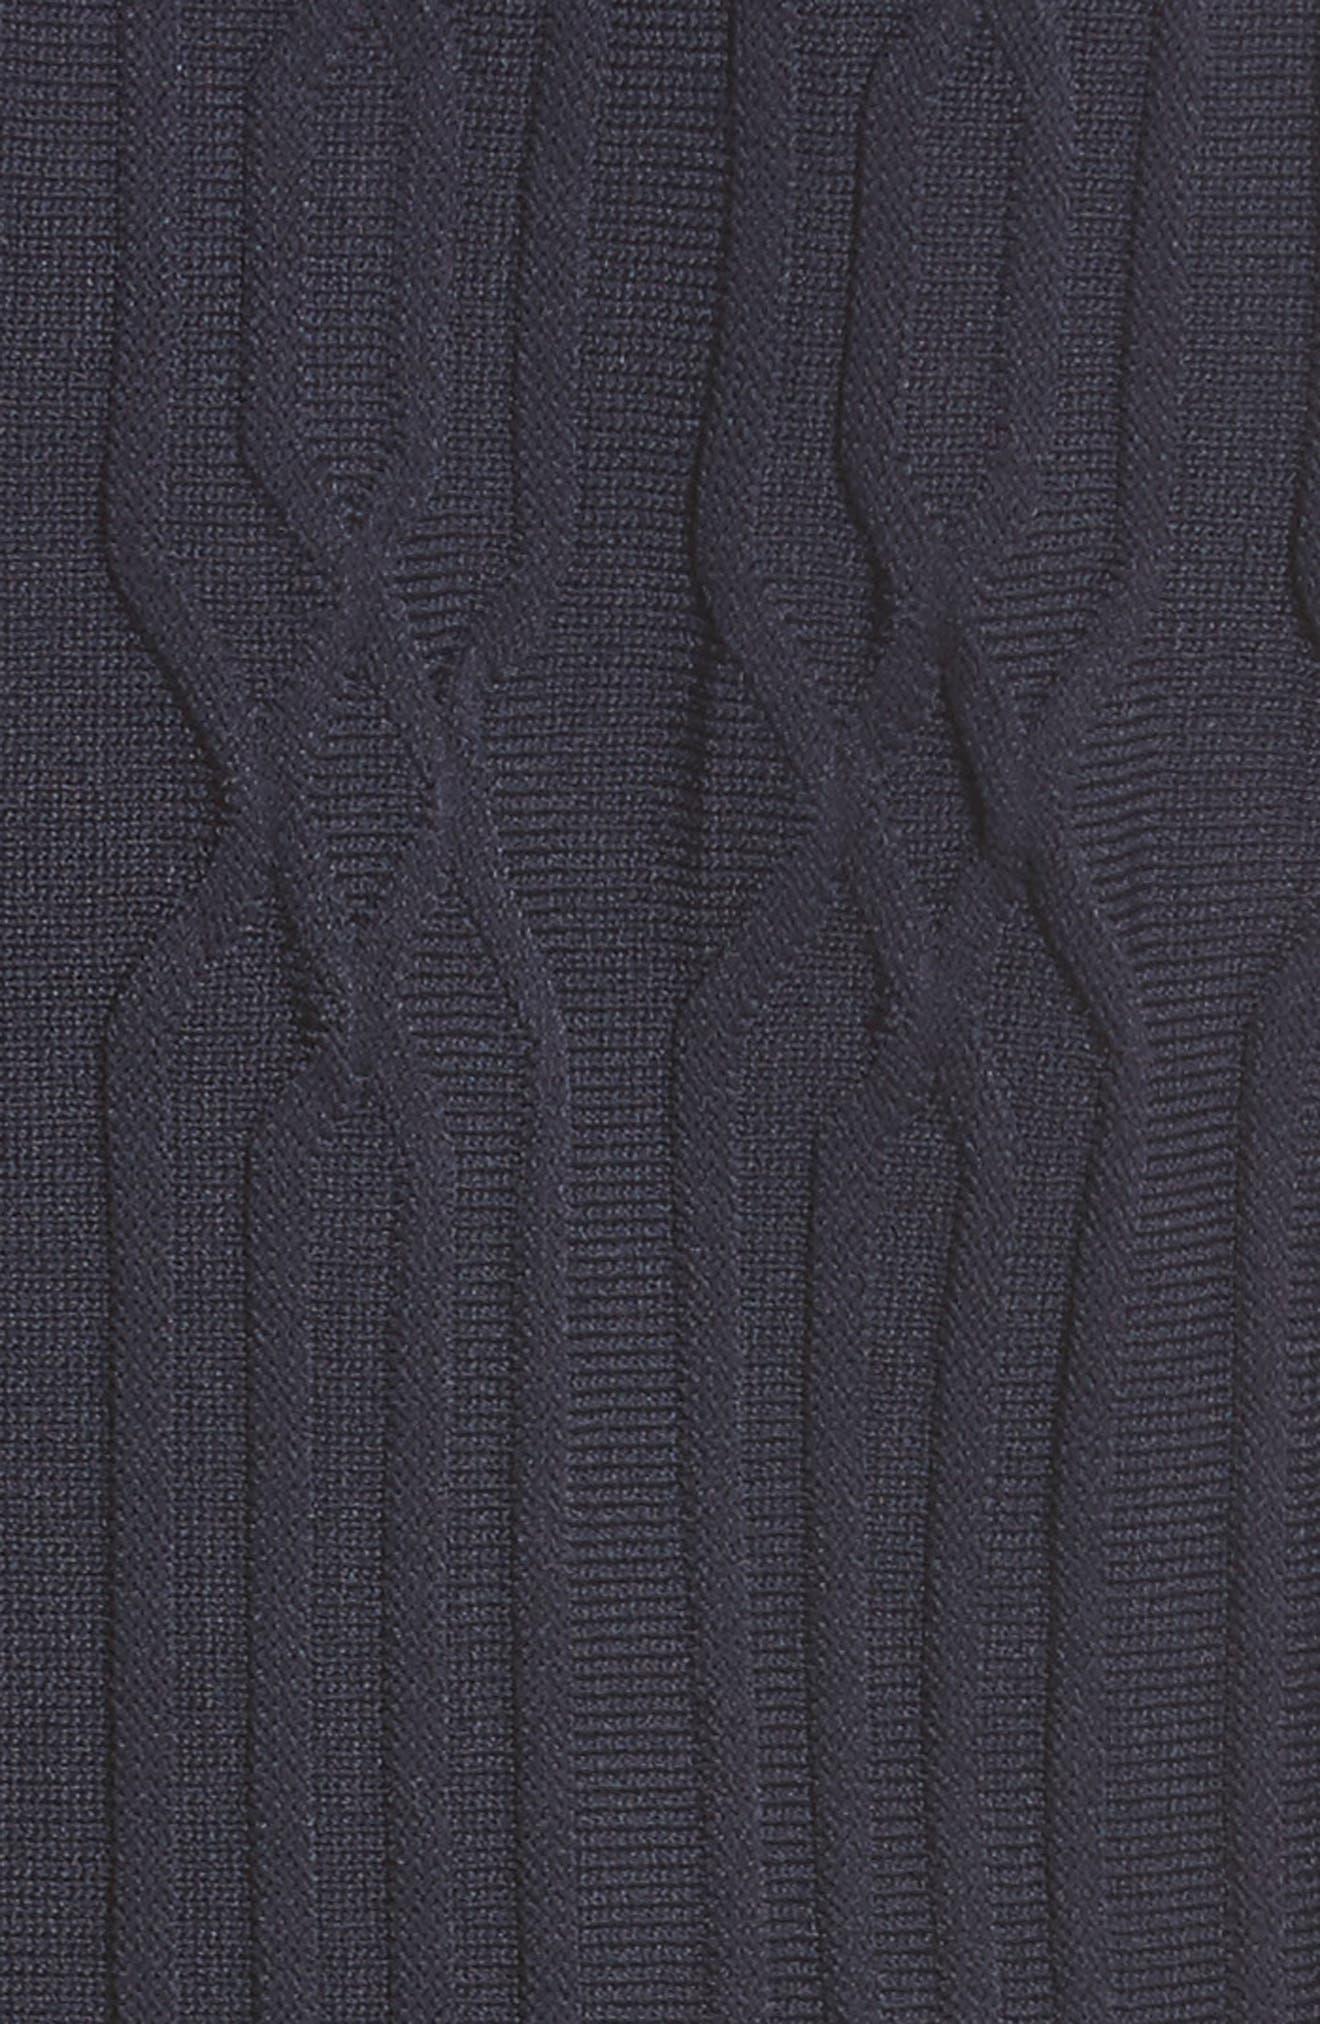 Lace Yoke Dress,                             Alternate thumbnail 6, color,                             400